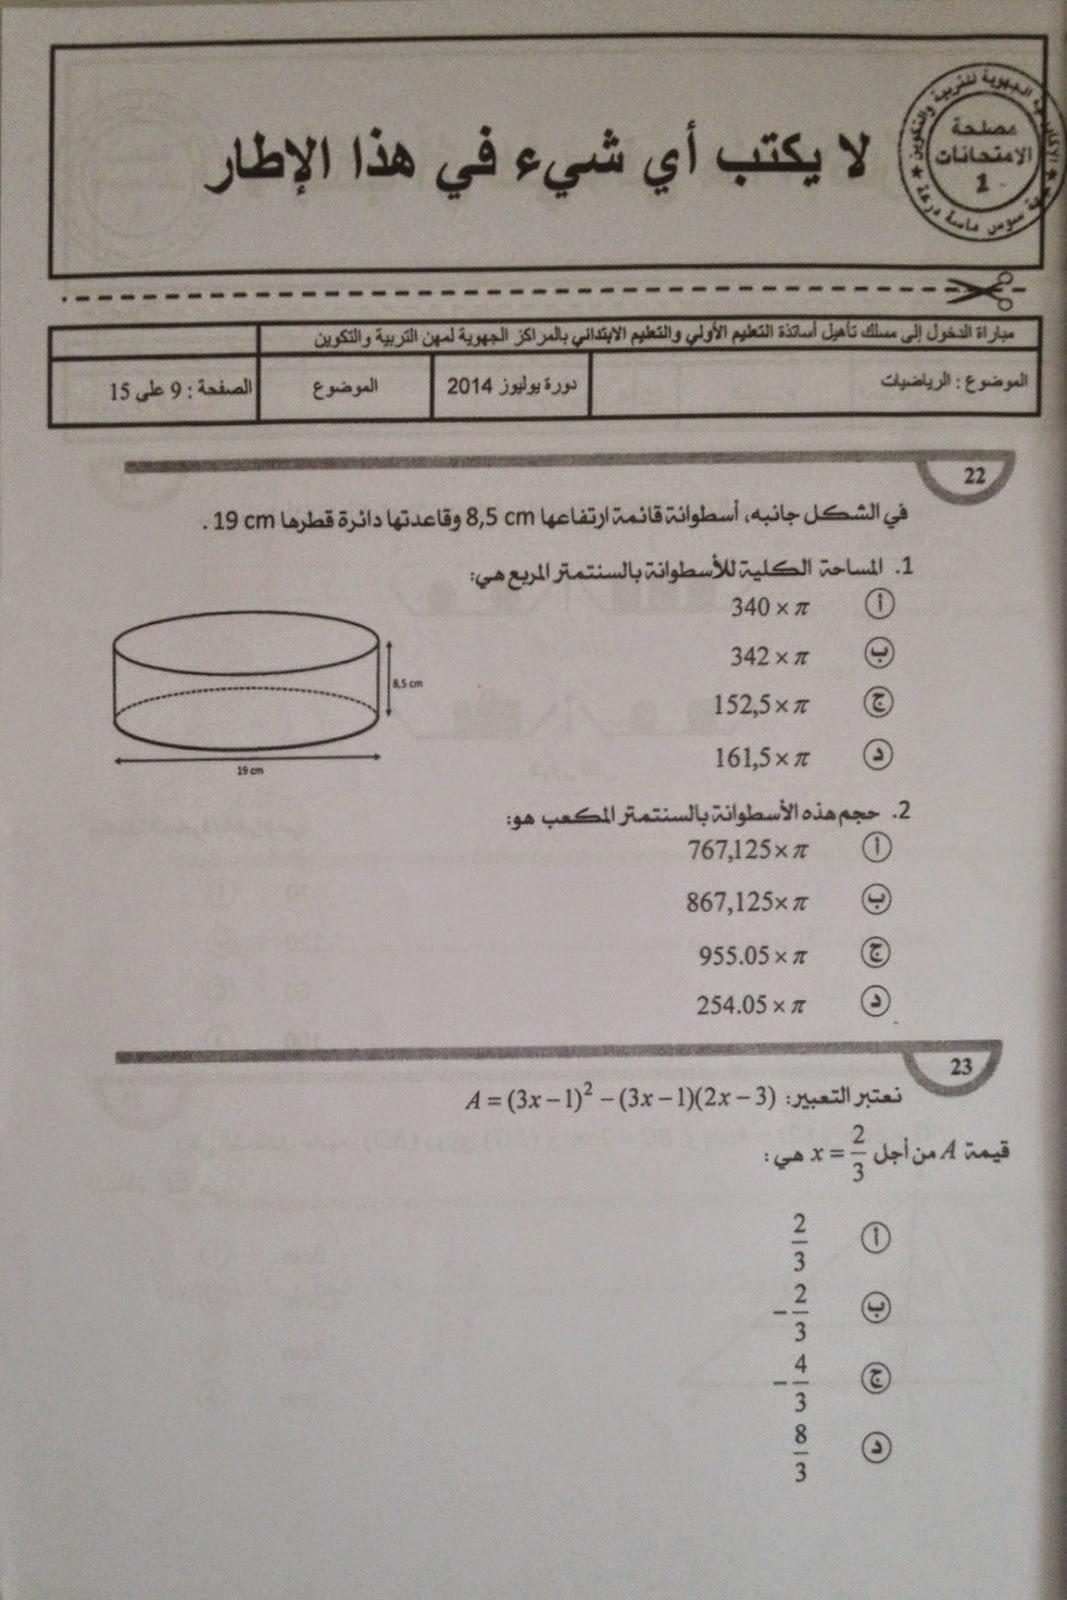 الاختبار الكتابي لولوج المراكز الجهوية للسلك الابتدائي دورة يوليوز 2014- مادة الرياضيات  Nouveau%2Bdocument%2B2_19